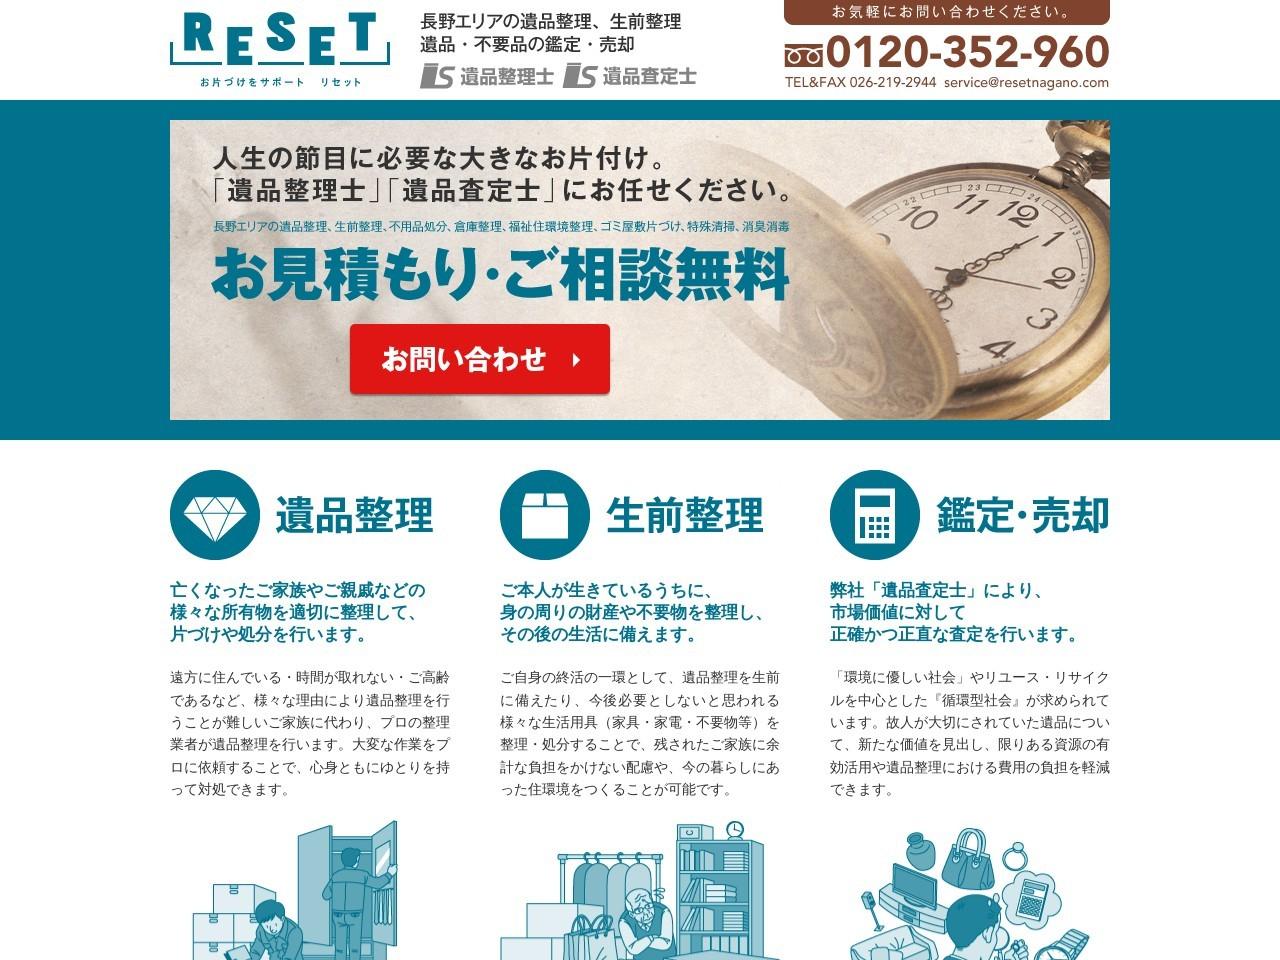 お片づけをサポート RESET(リセット)|長野エリアの遺品整理、生前整理、遺品・不要品の鑑定・売却